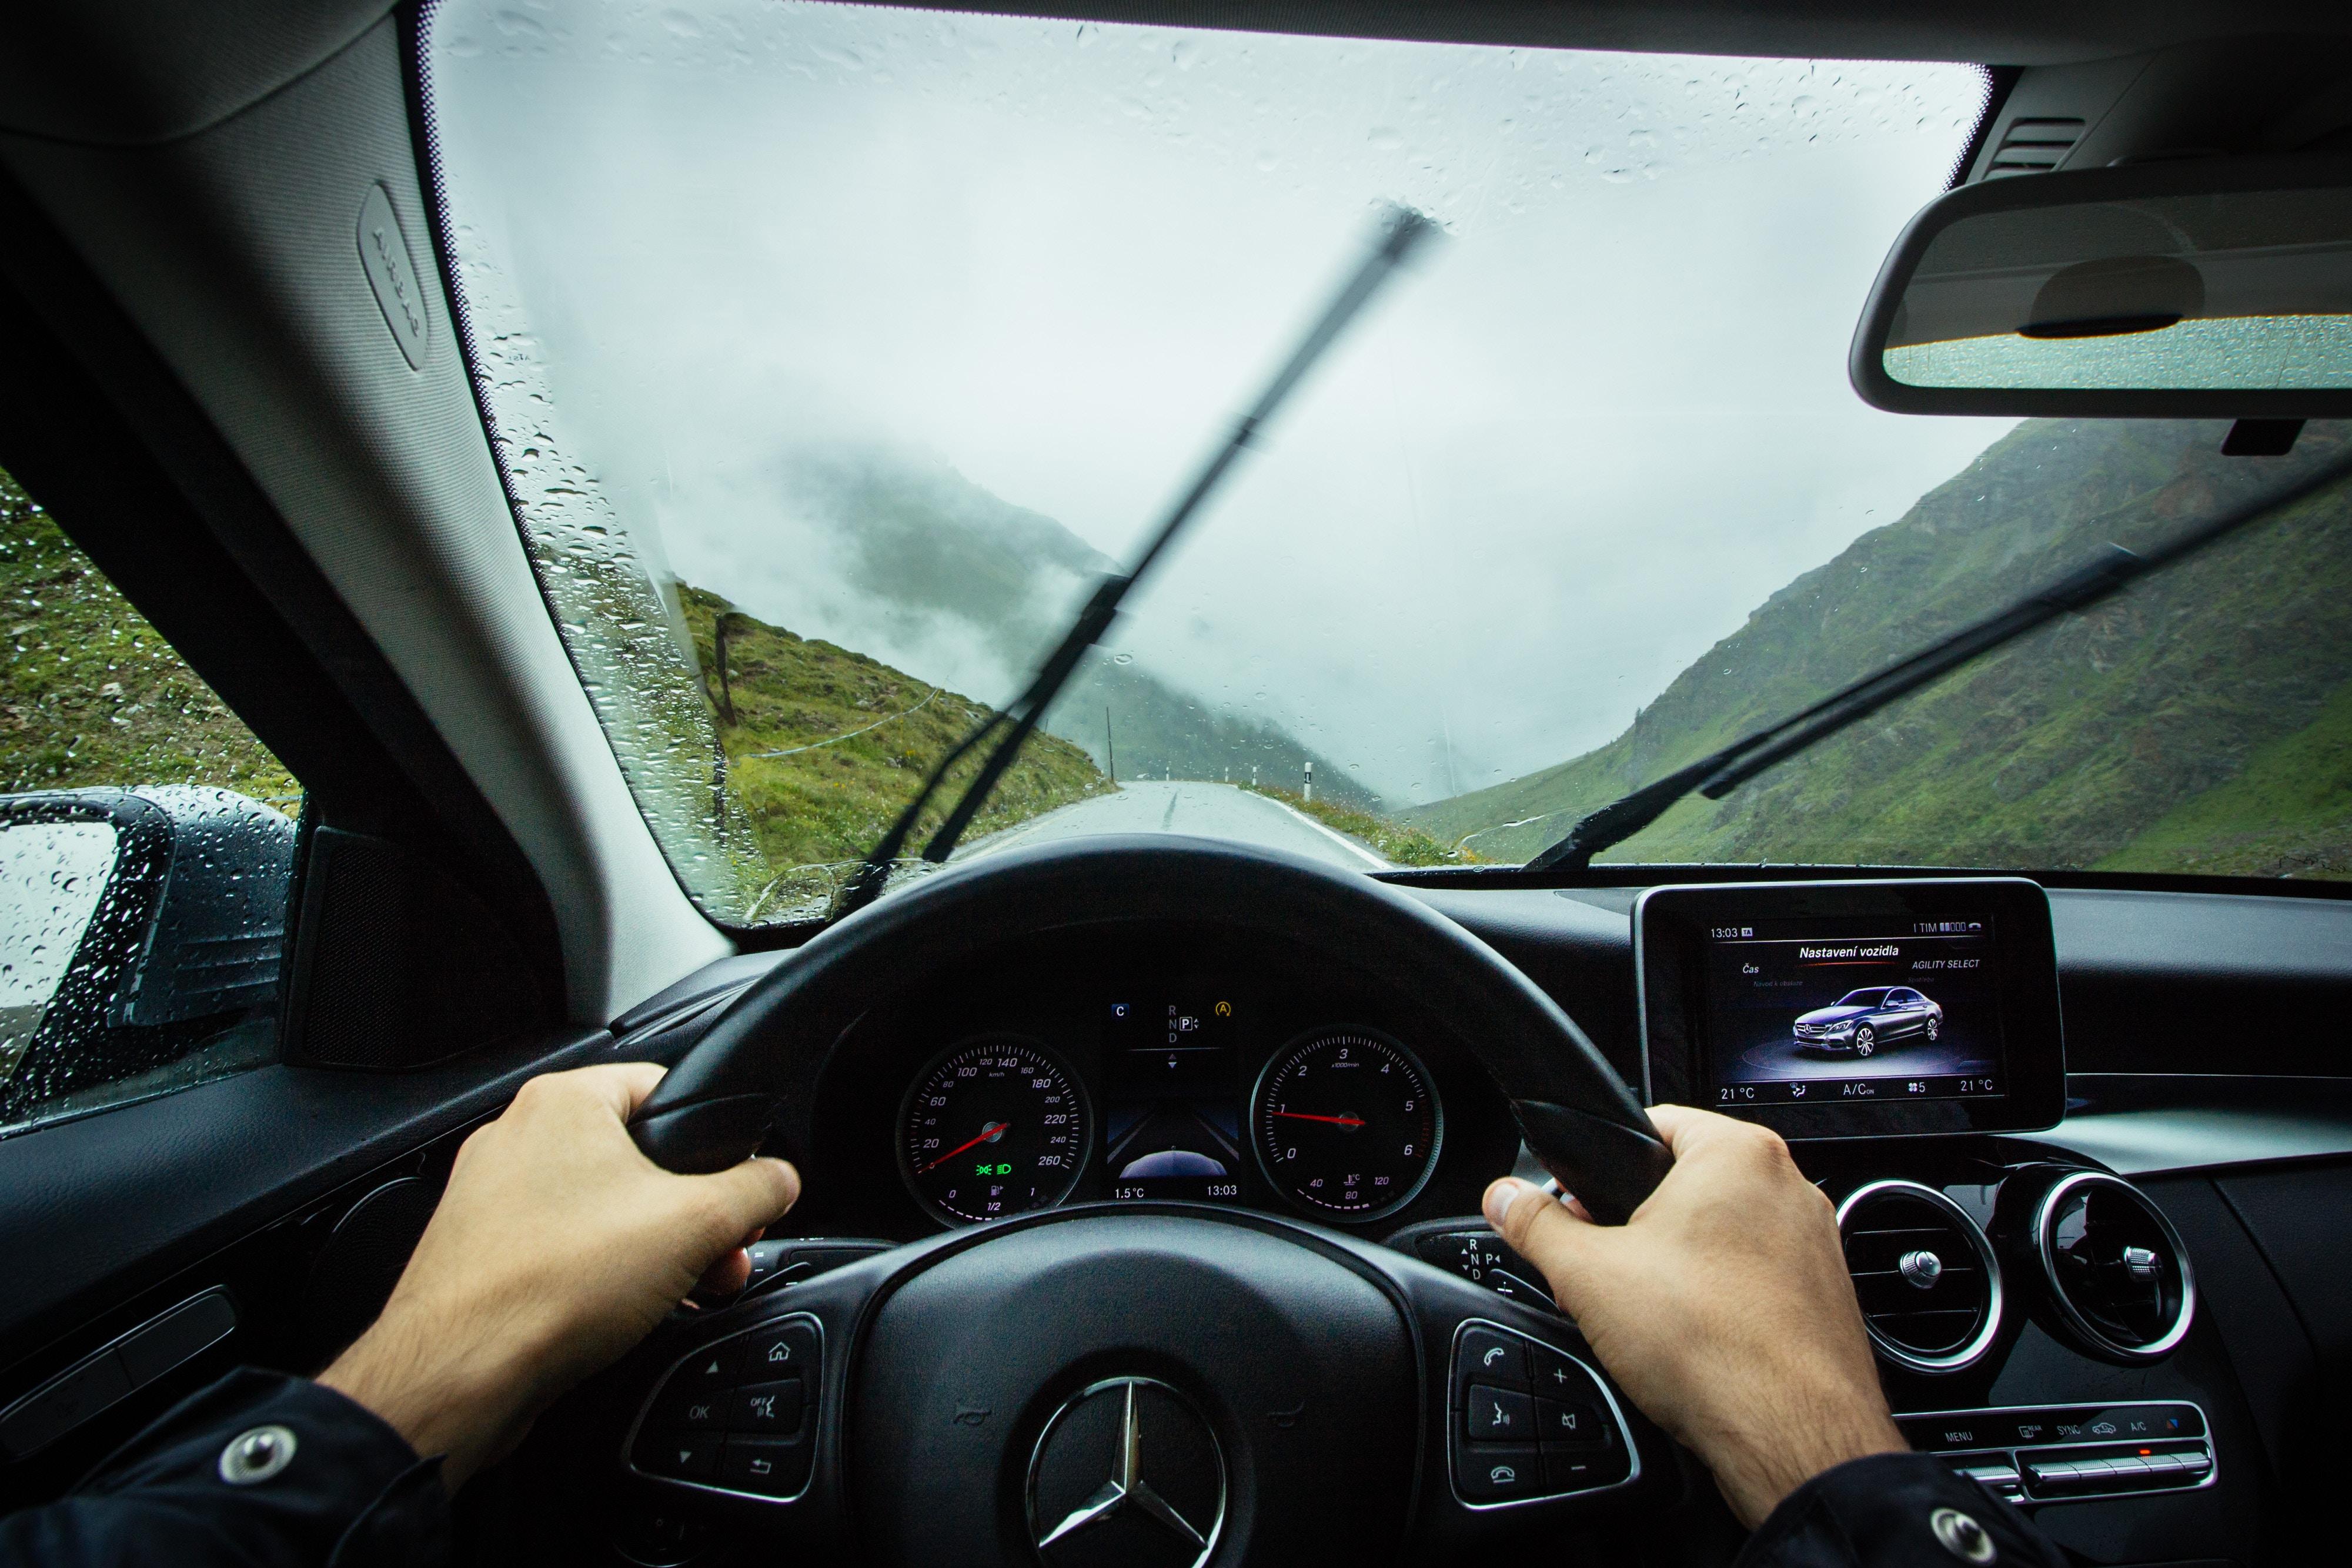 Mercedes vito er en varebil af høj kvalitet